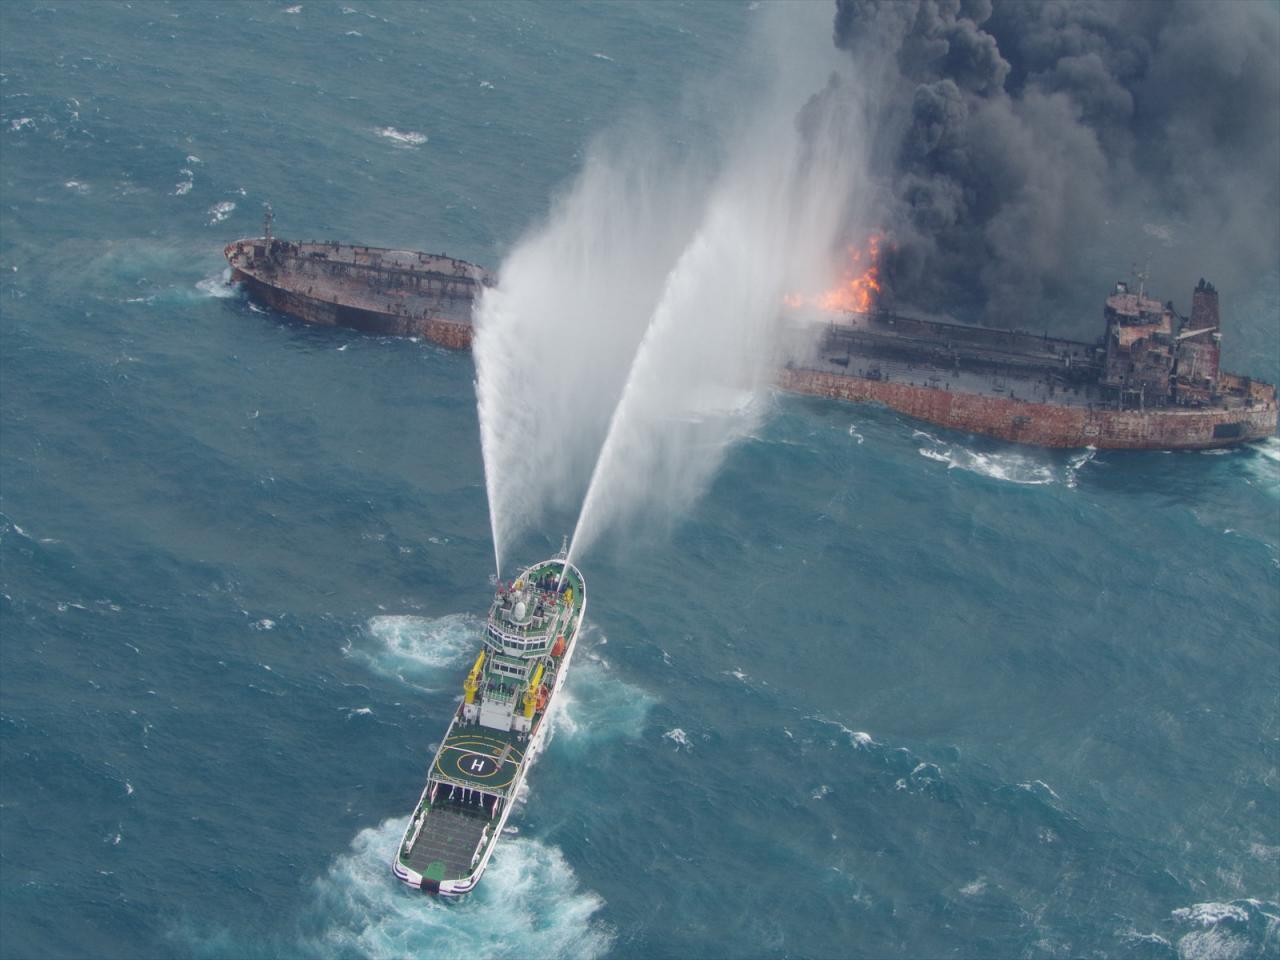 2 پیکر جدید در نفتکش ایرانی پیدا شد / ماموران تکاور ارتش ایران آماده ورود به کشتی